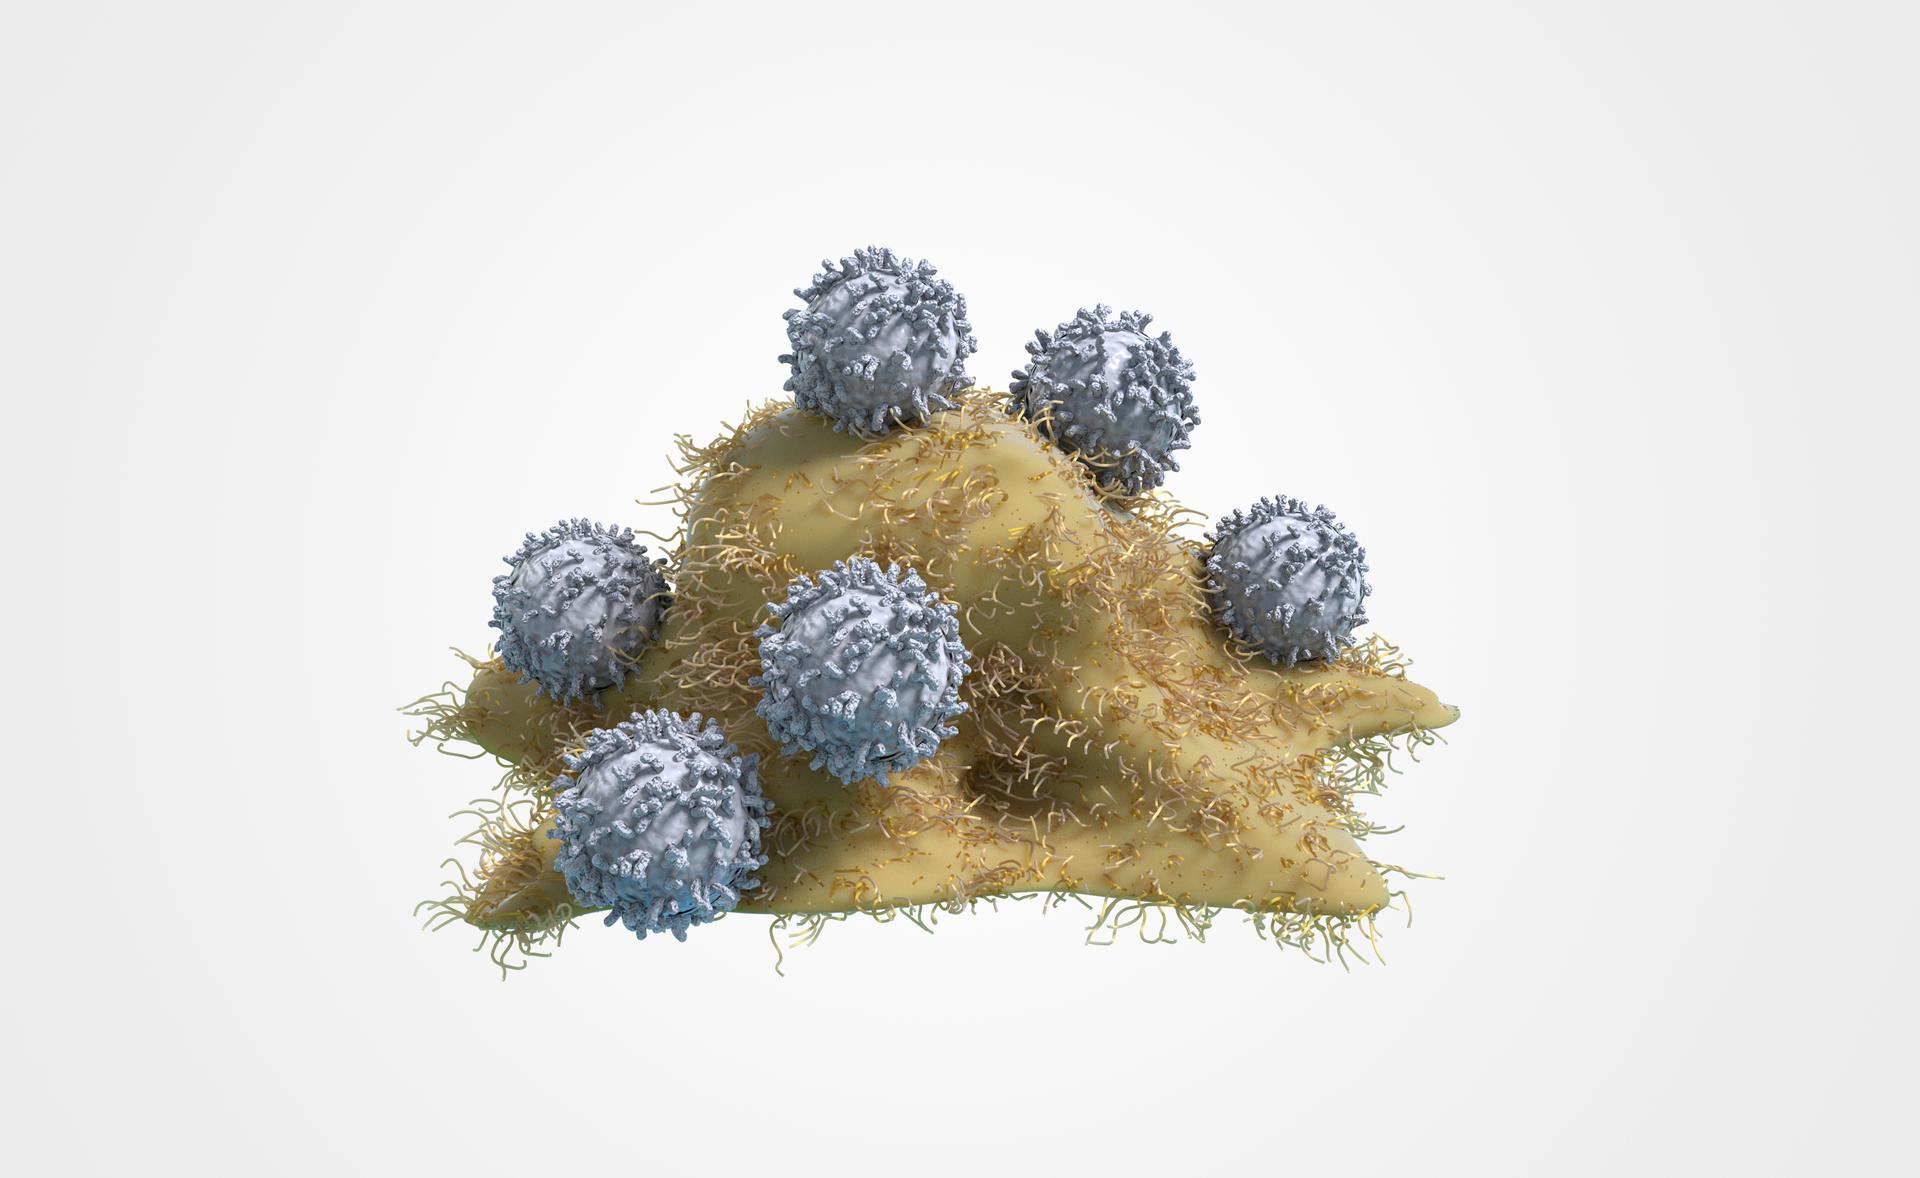 Ilustracja przedstawia atak niebieskich, kulistych limfocytów na rozpłaszczoną, beżową, owłosioną komórkę nowotworową.